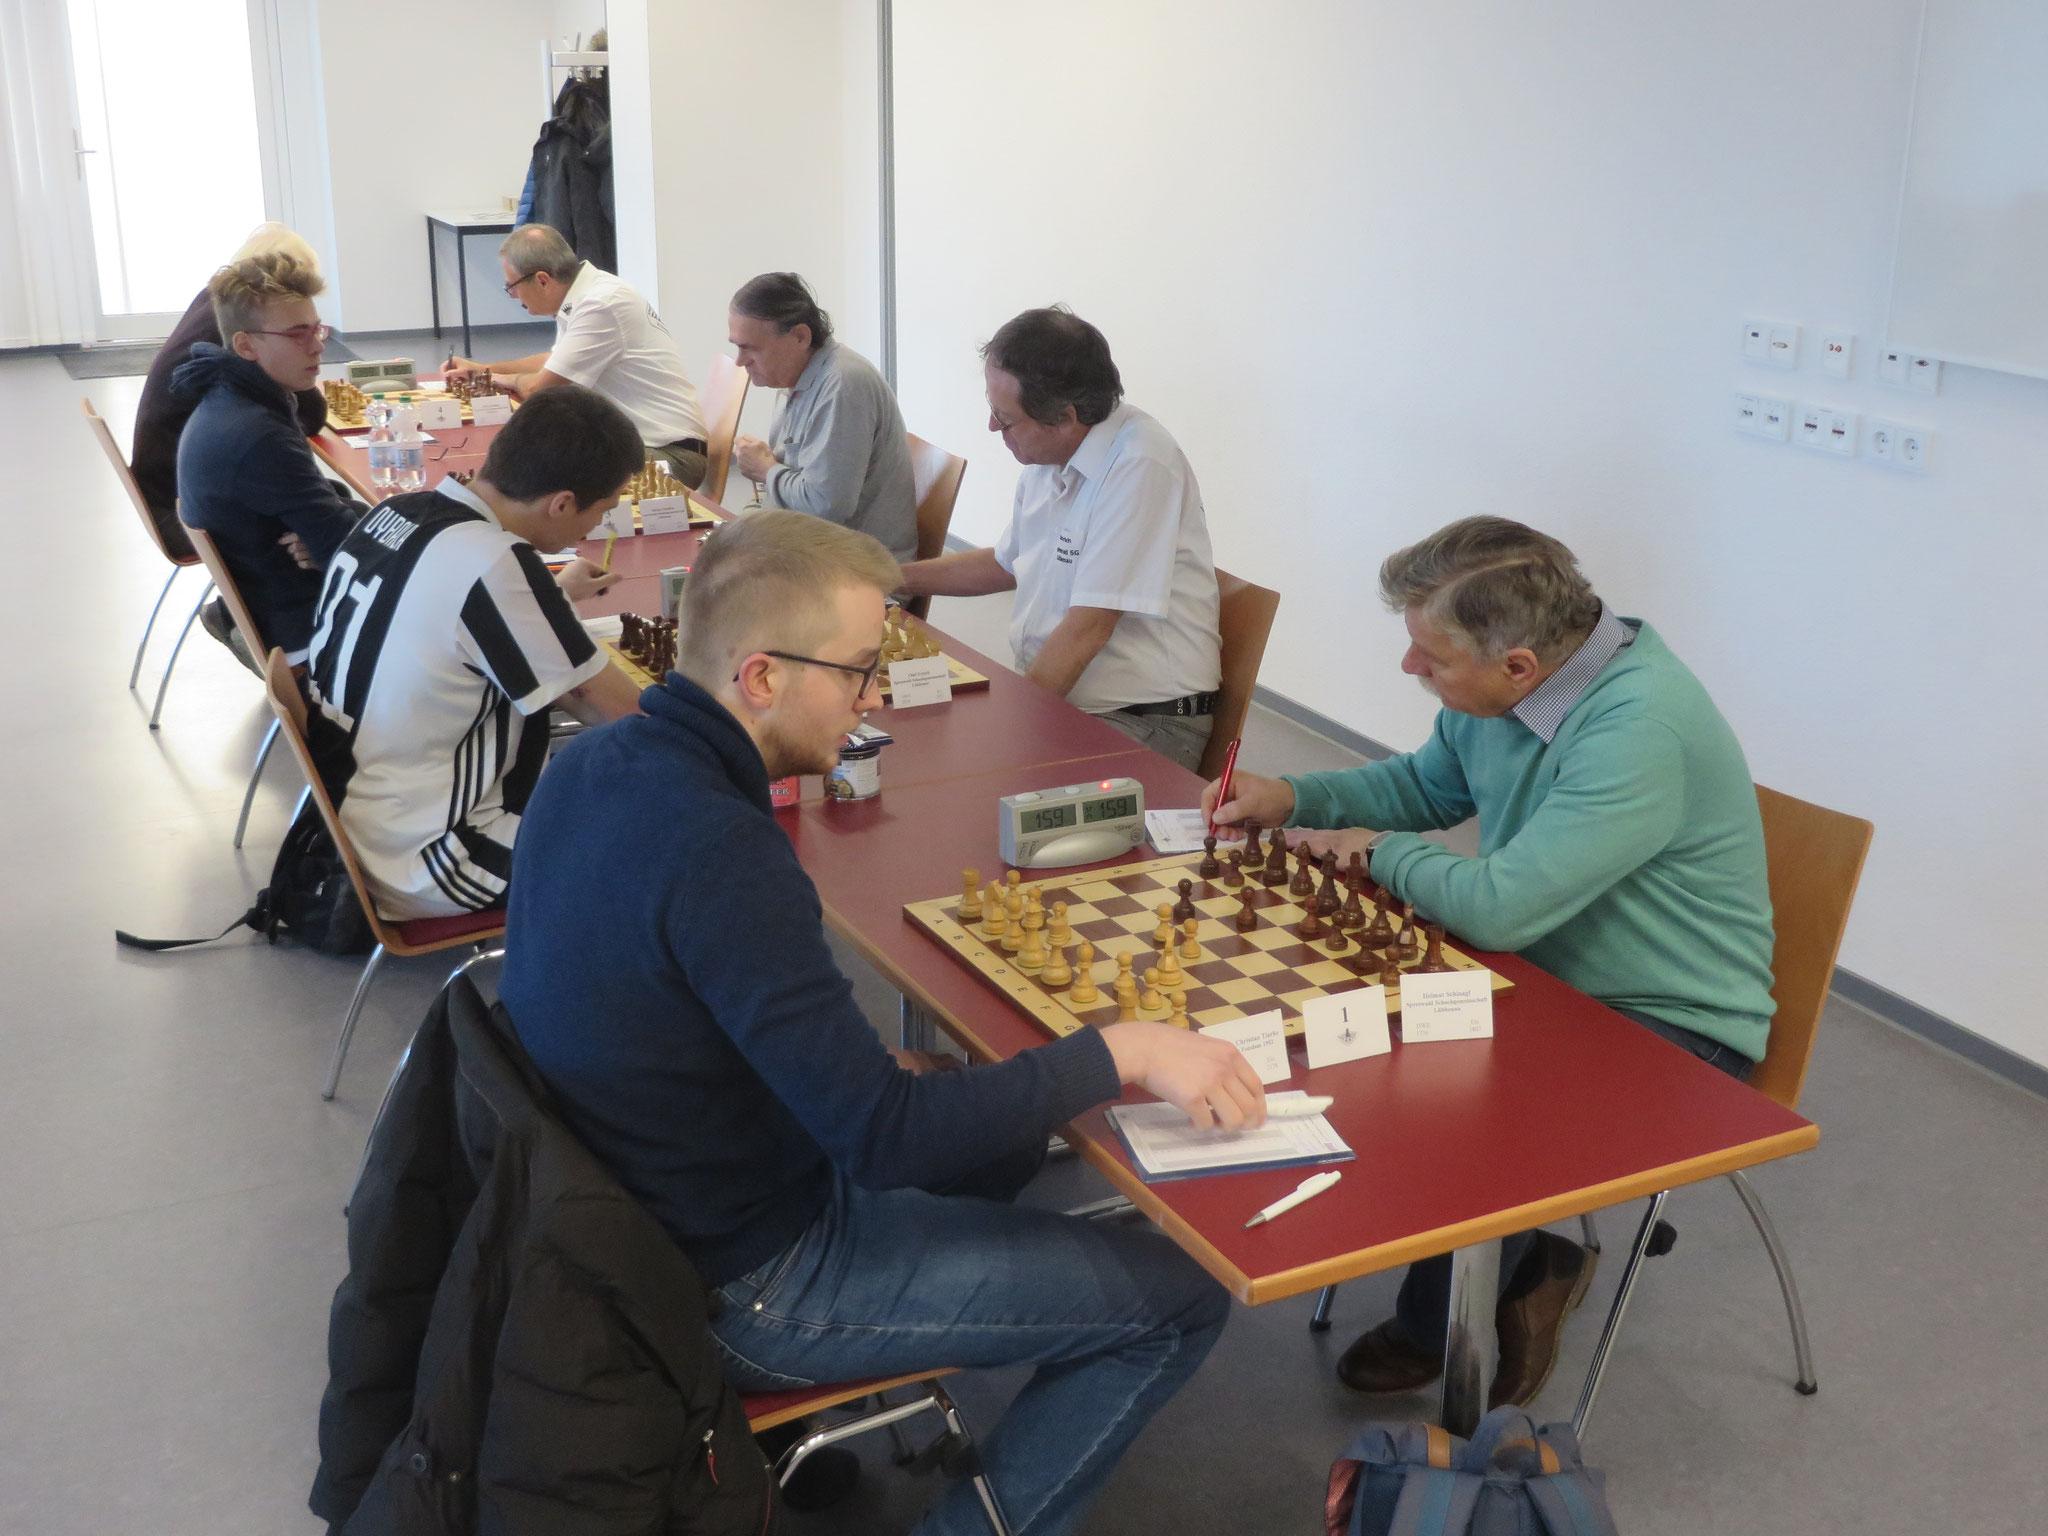 Das Match im Gesamtblick (unser Lübbenauer Team rechts im Bild)